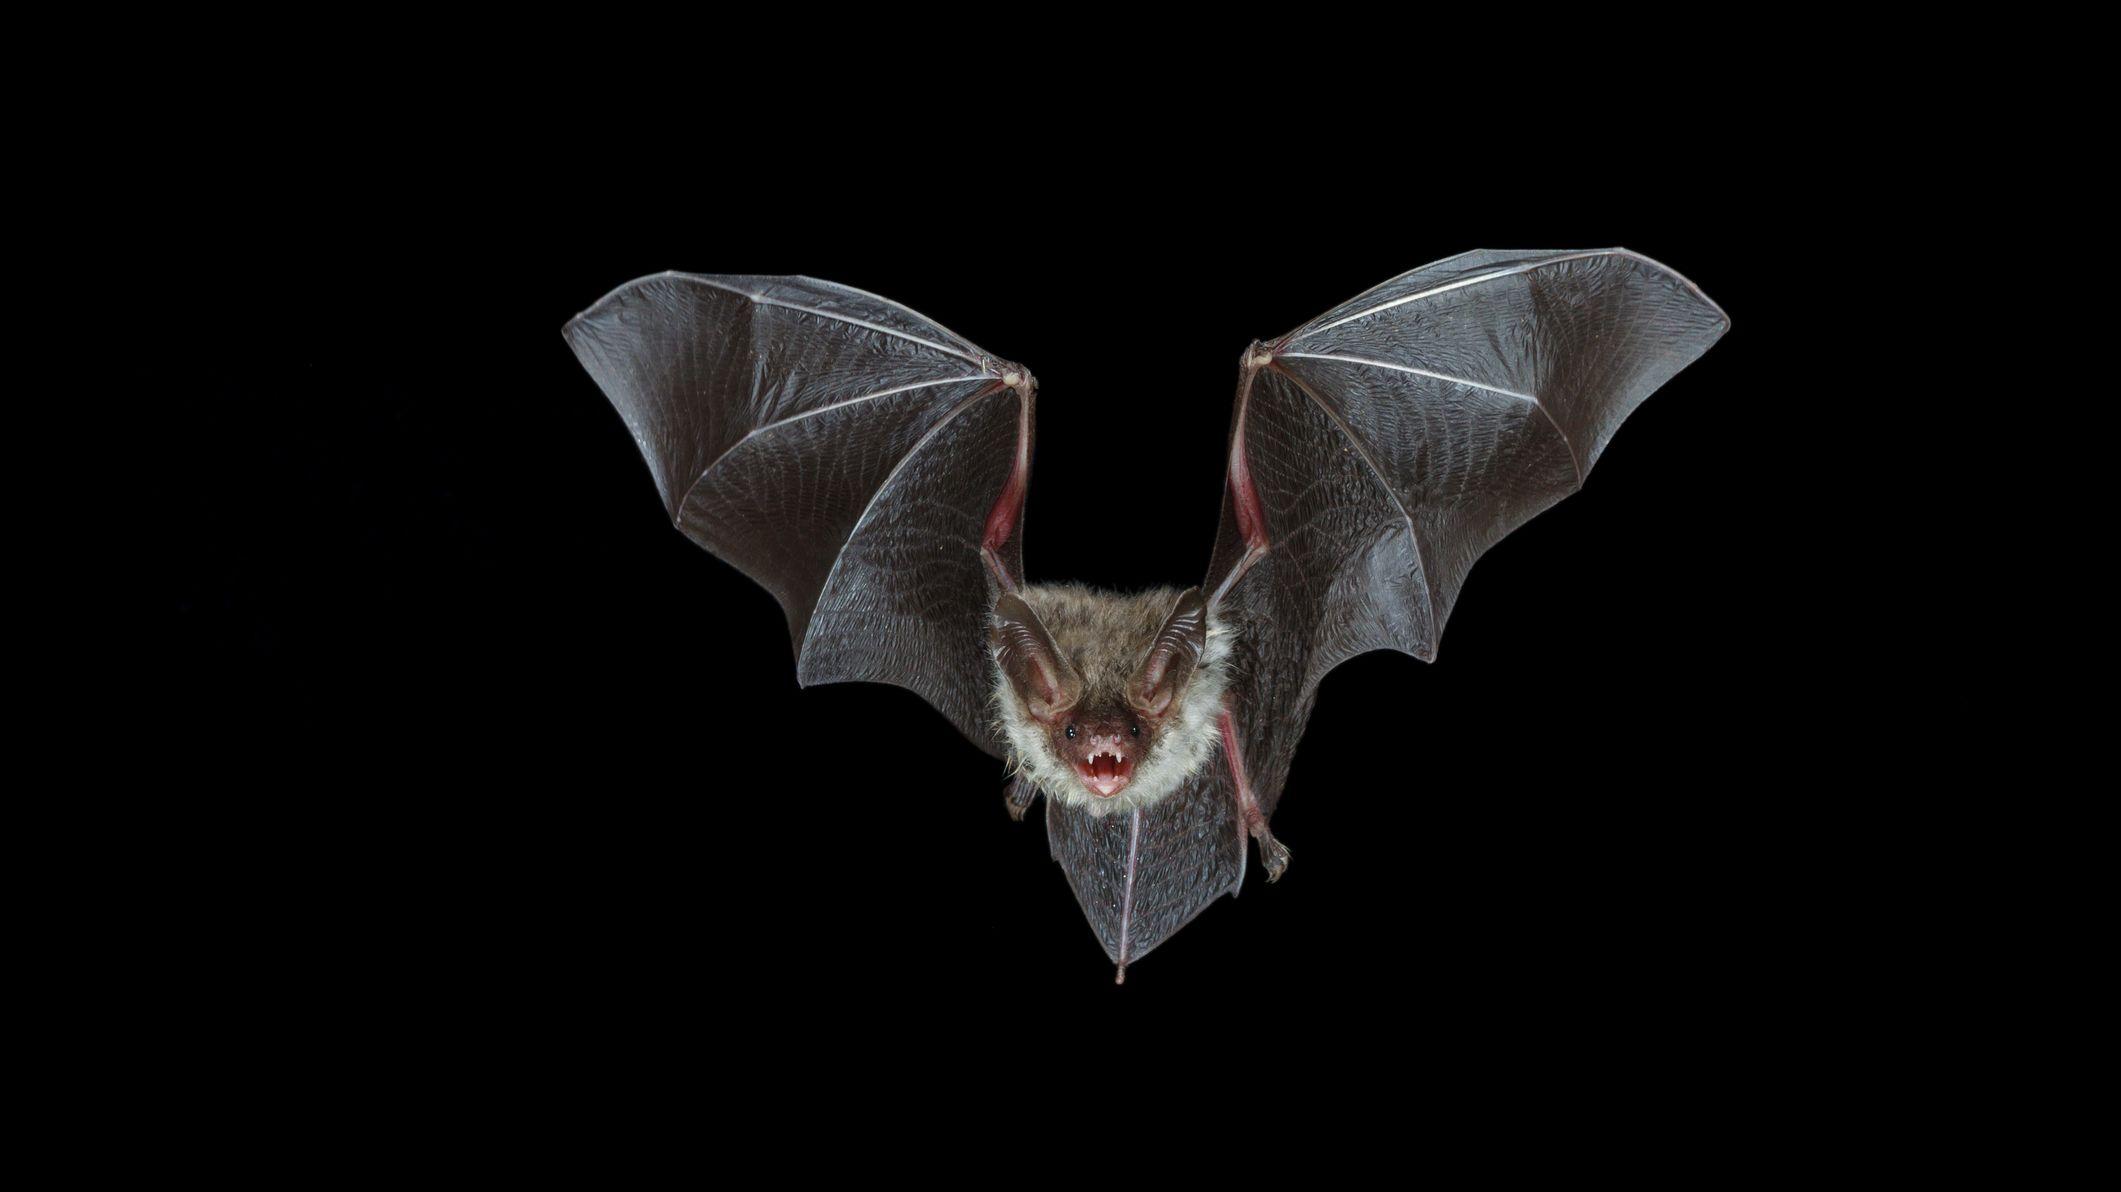 7 Myths About Bats Mental Floss